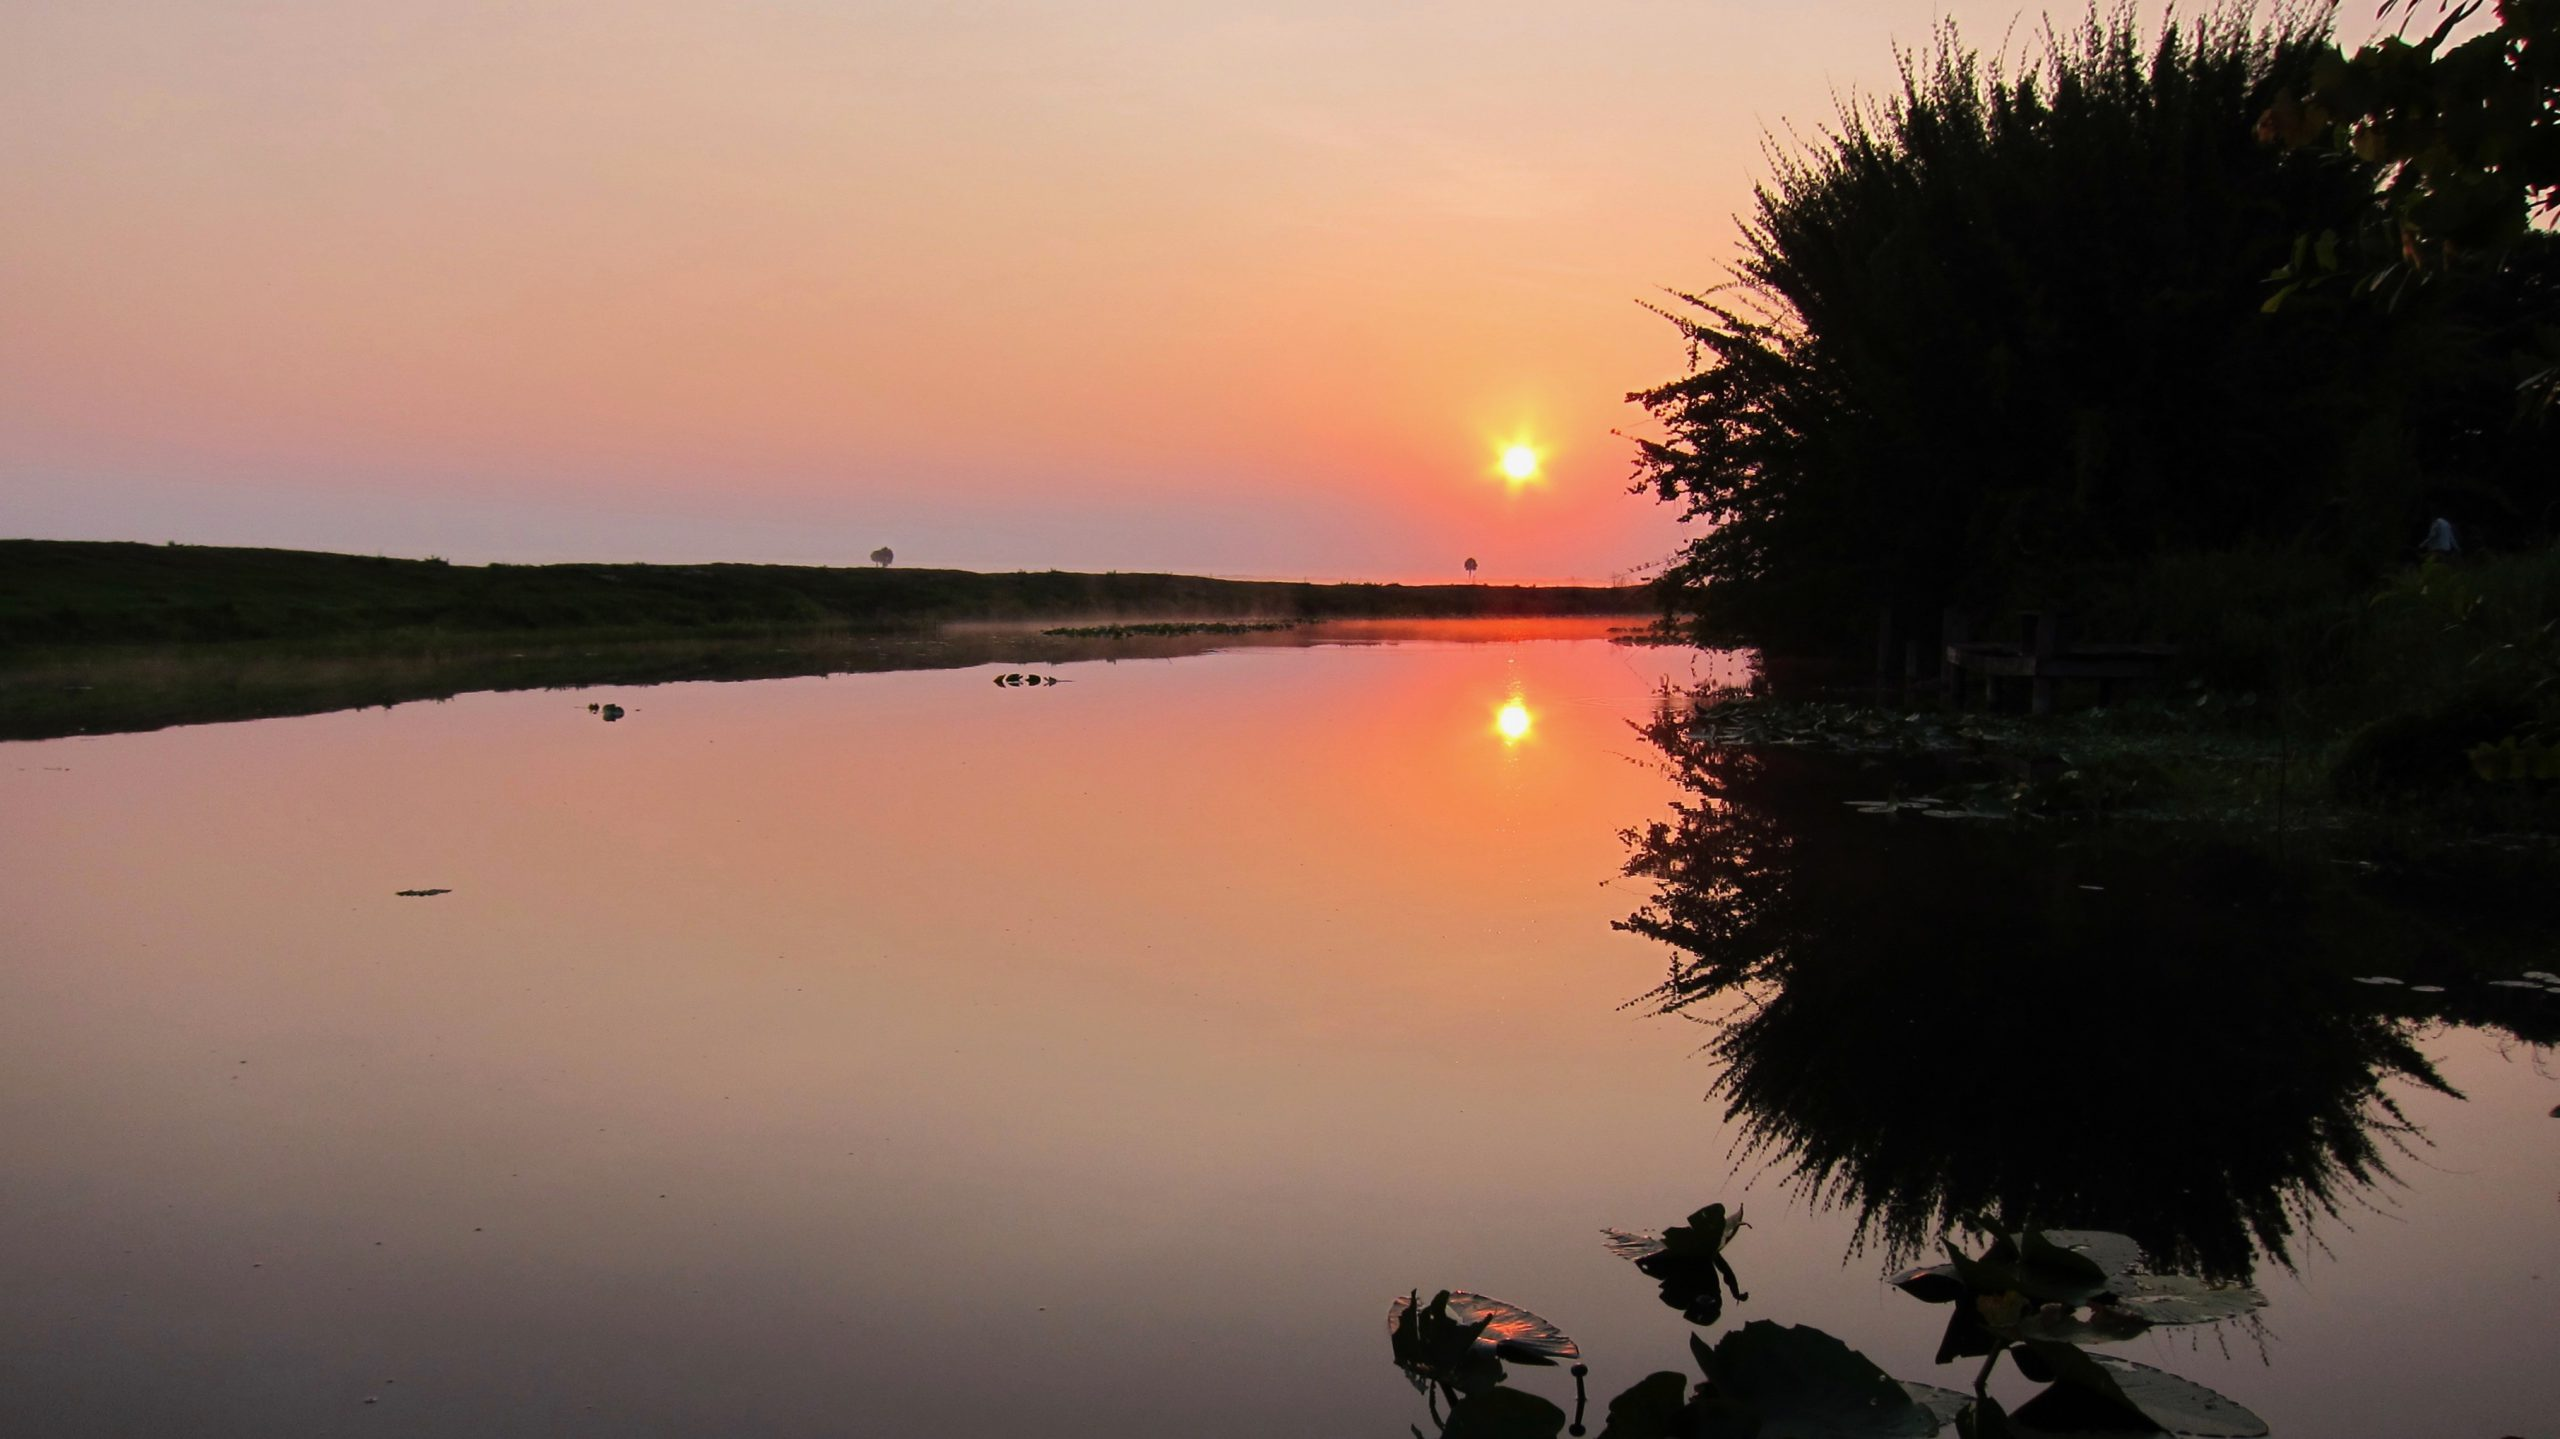 フロリダ州キシミー川の風景